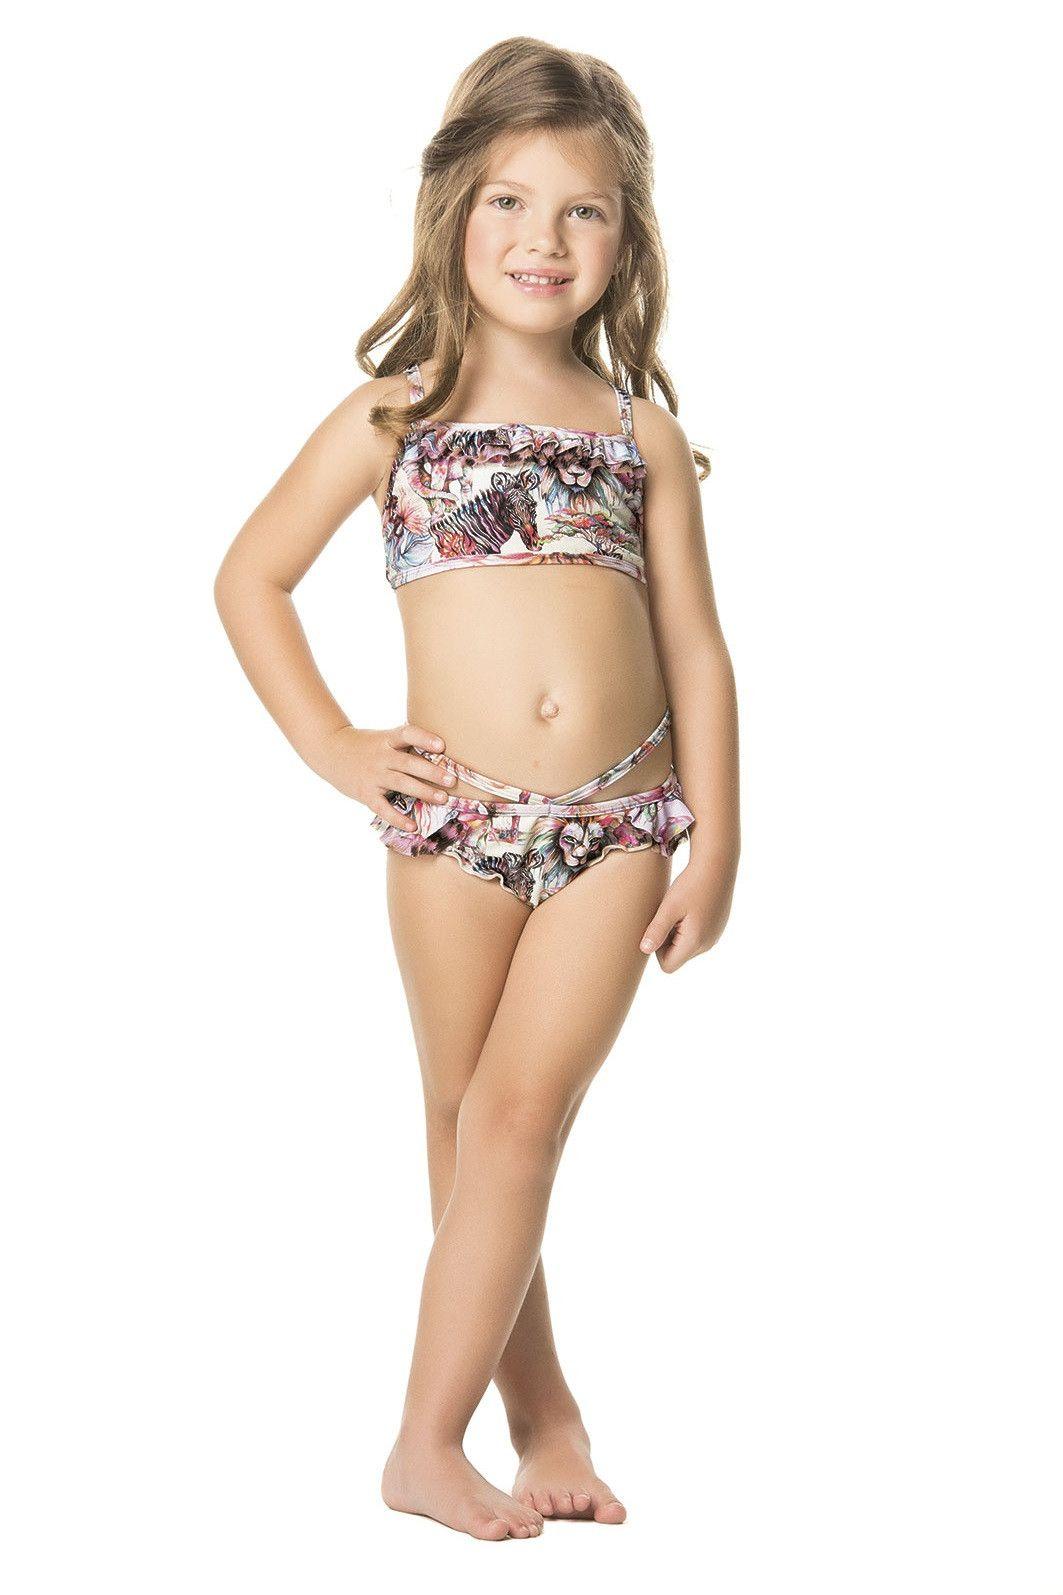 Bikini girl wild